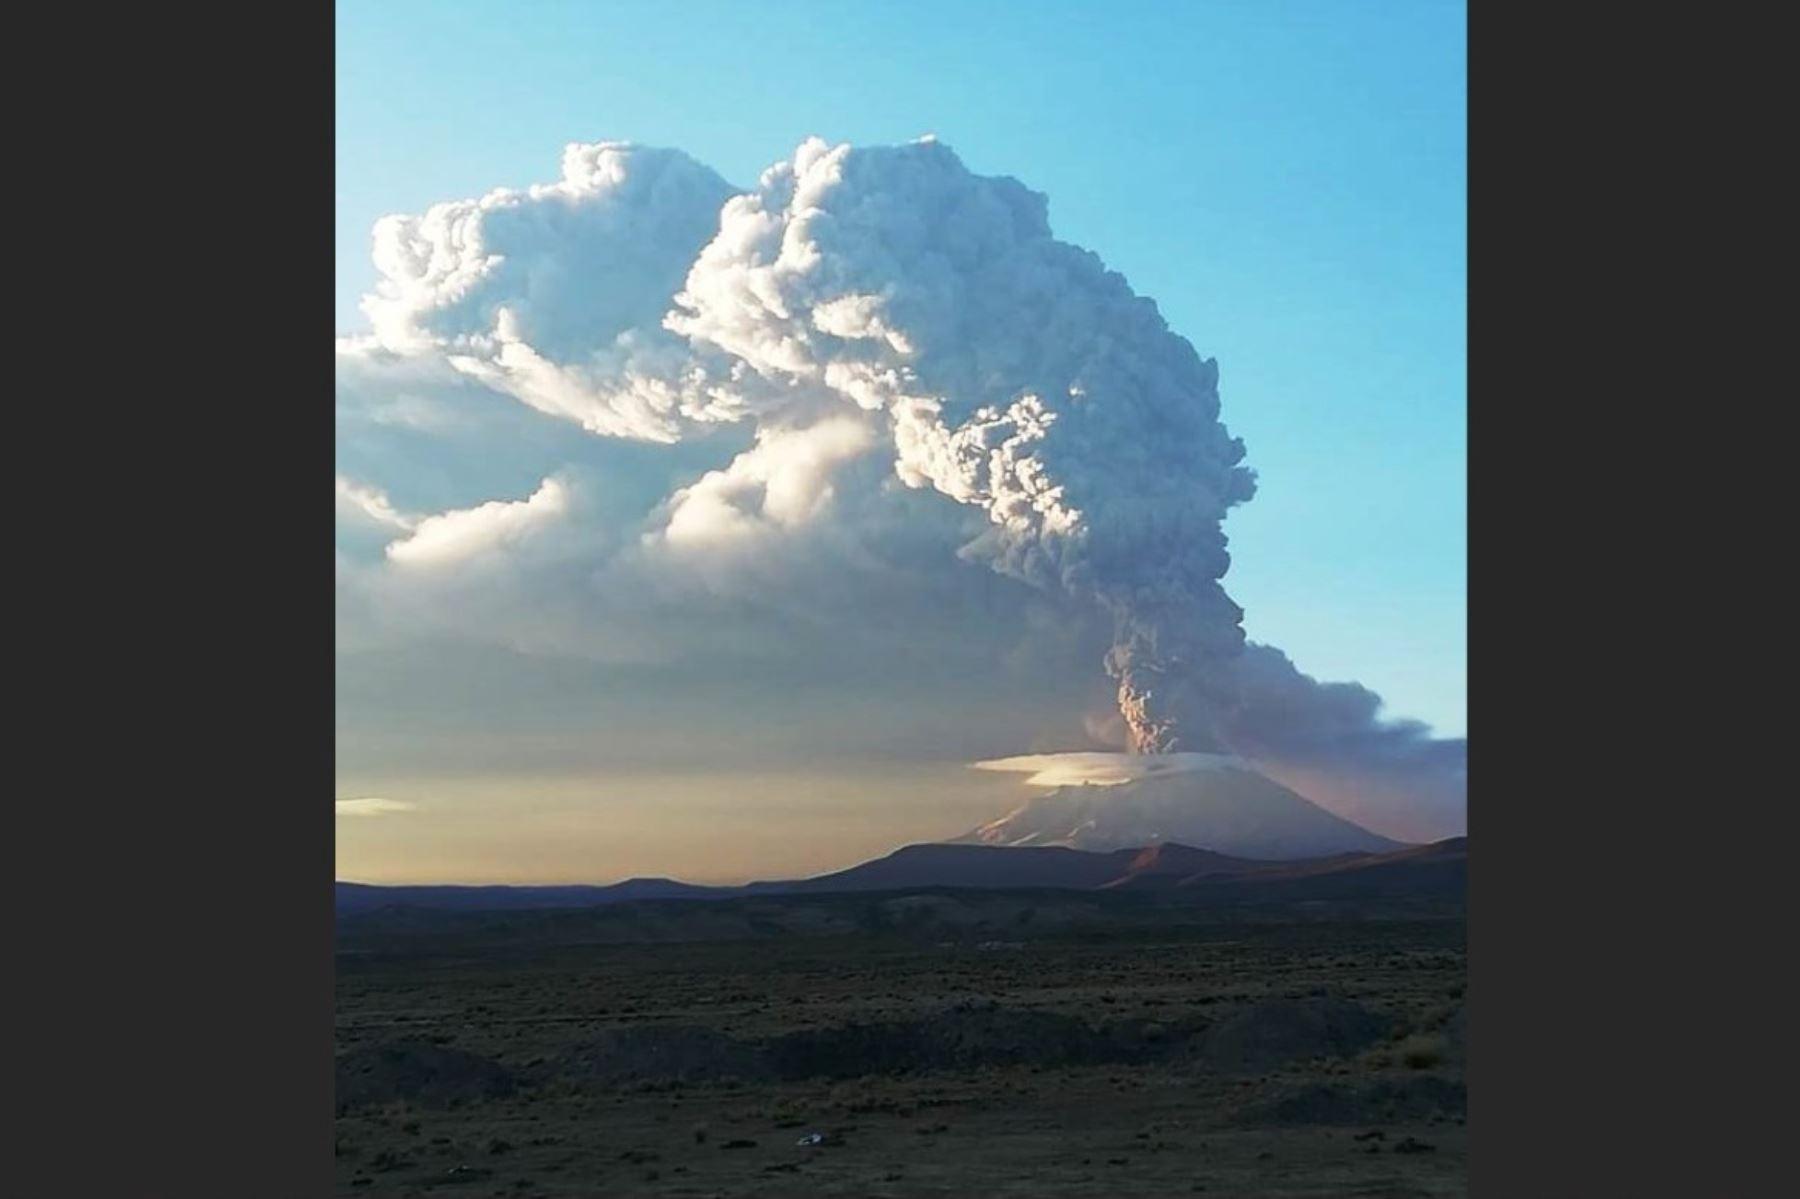 Cenizas expulsadas por el volcán Ubinas llegan hasta Bolivia. Foto: IGP